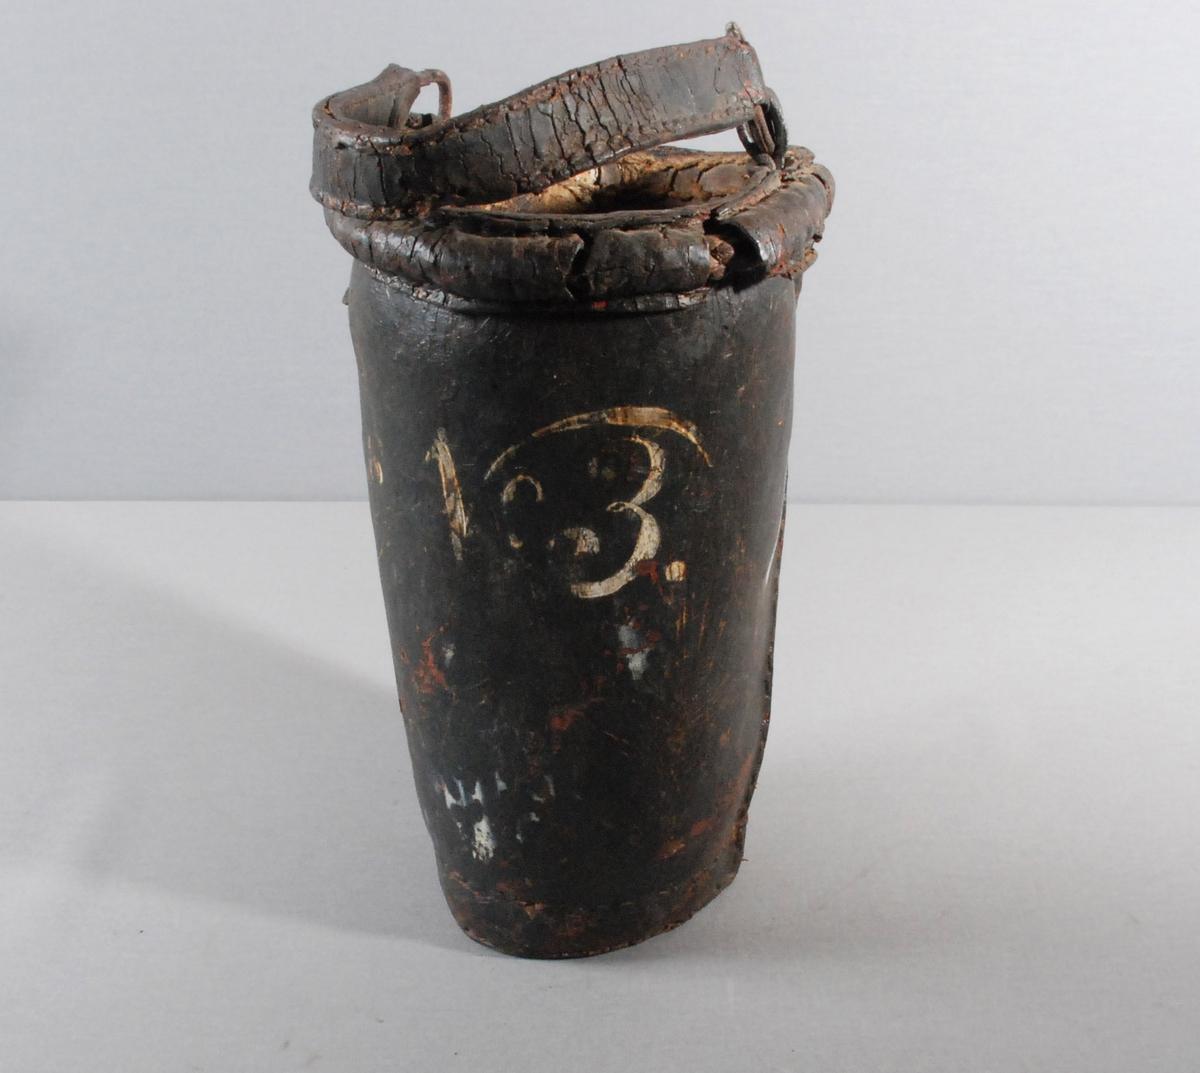 Brannbøtte i lær. Hemper til hank av lær. Lærhank med ringer i metall tredd inn på hempene.